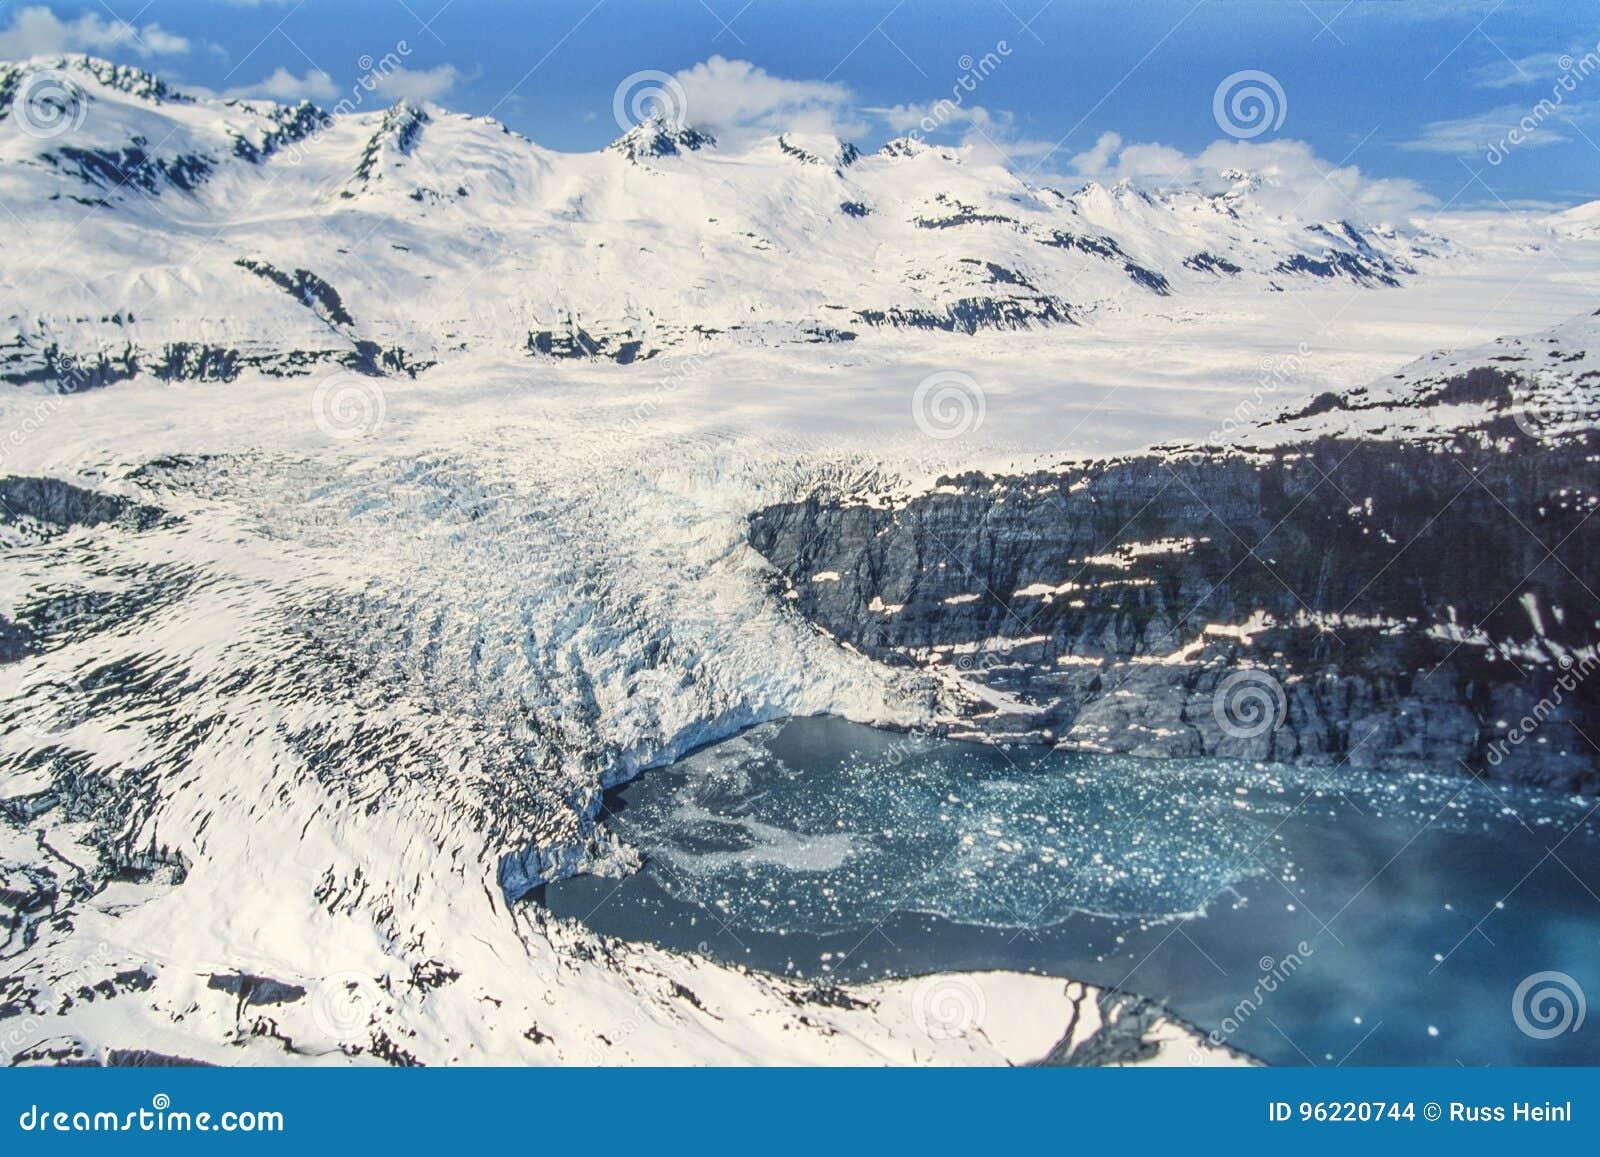 阿拉斯加肖普冰川空中照片